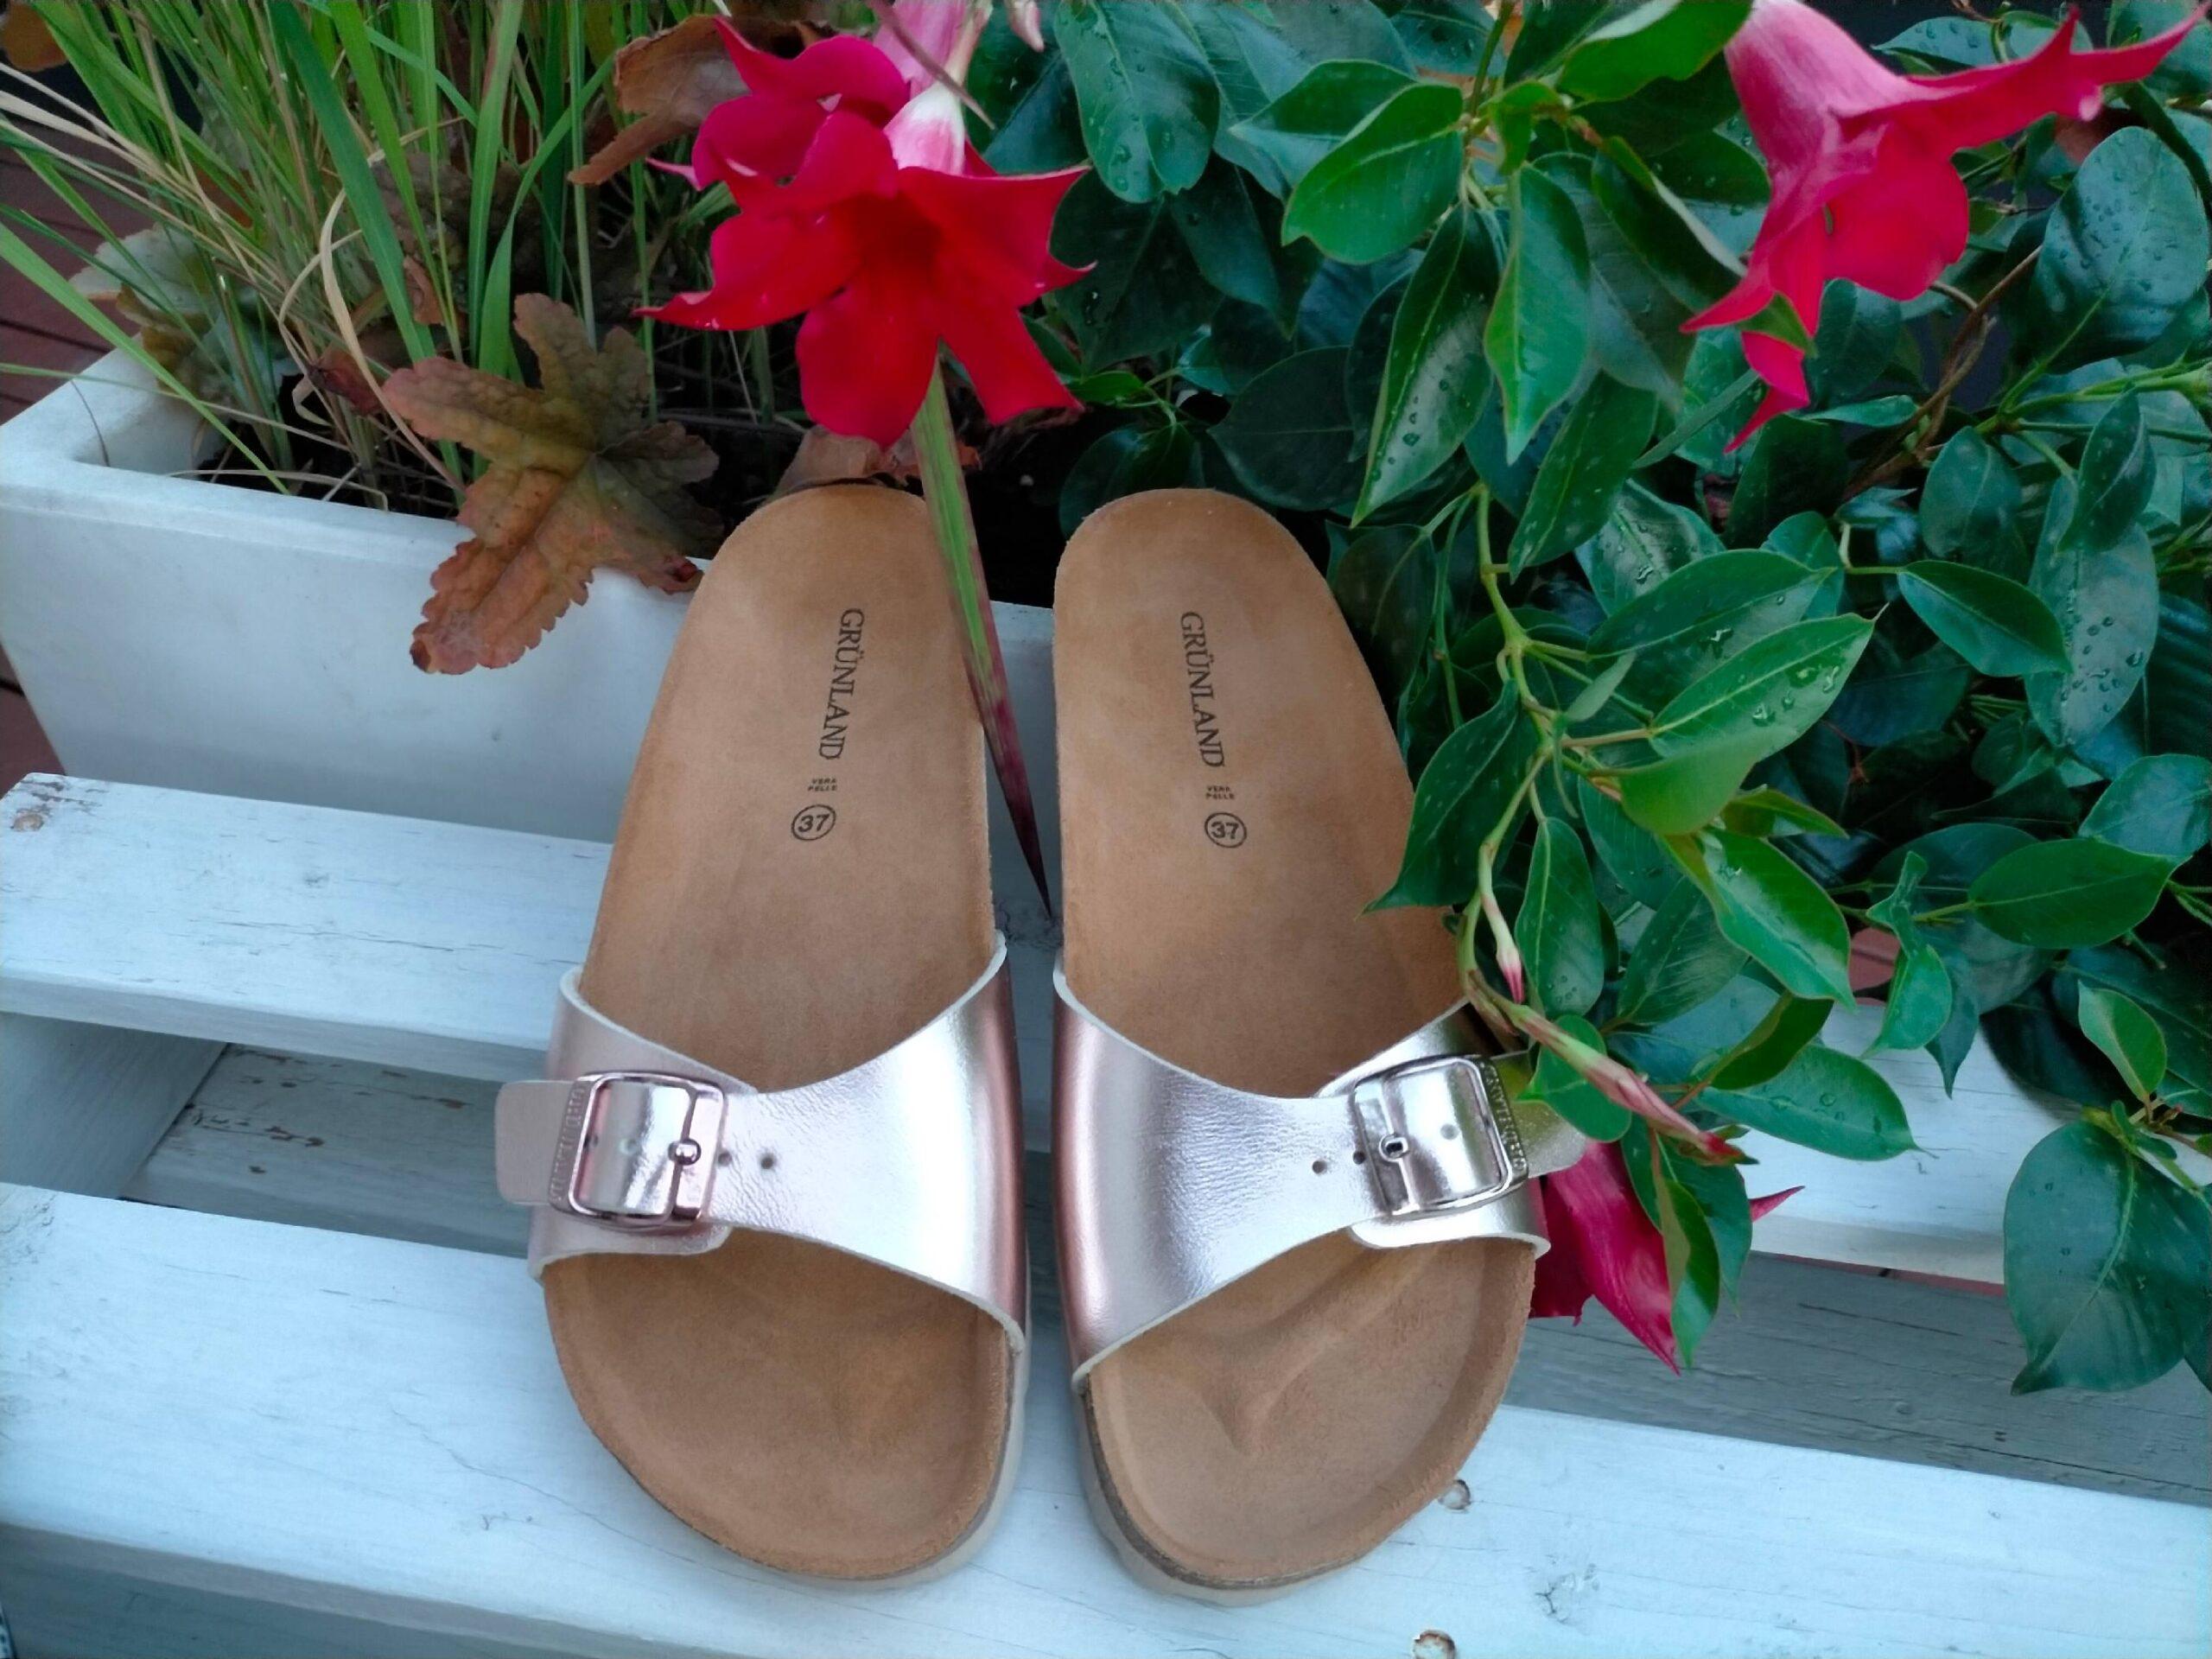 grunland sara cb2382 40 cipria ciabatte pantofole sintetico fibbia plantare in sughero ciabatte pantofole estive da donna collezione primavera estate